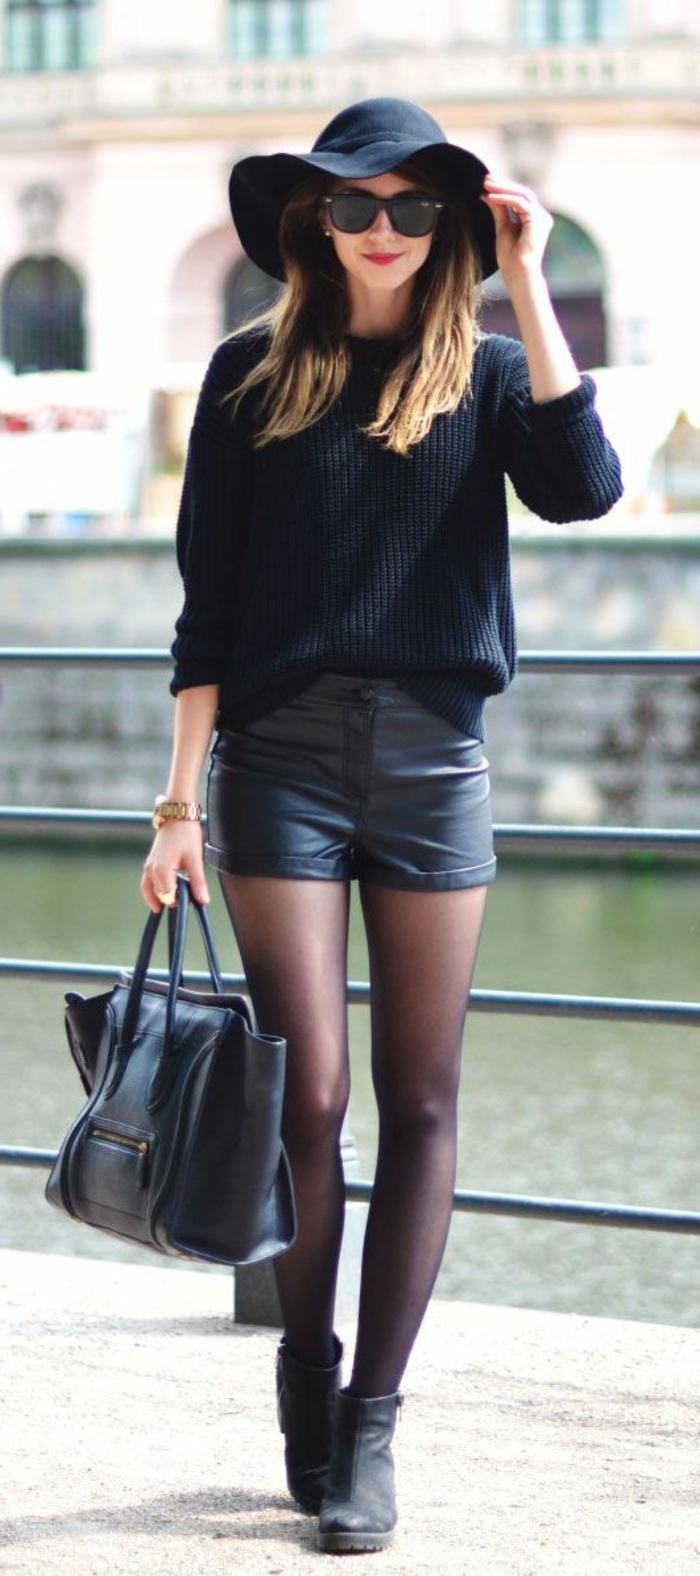 Kurze schwarze lederhose